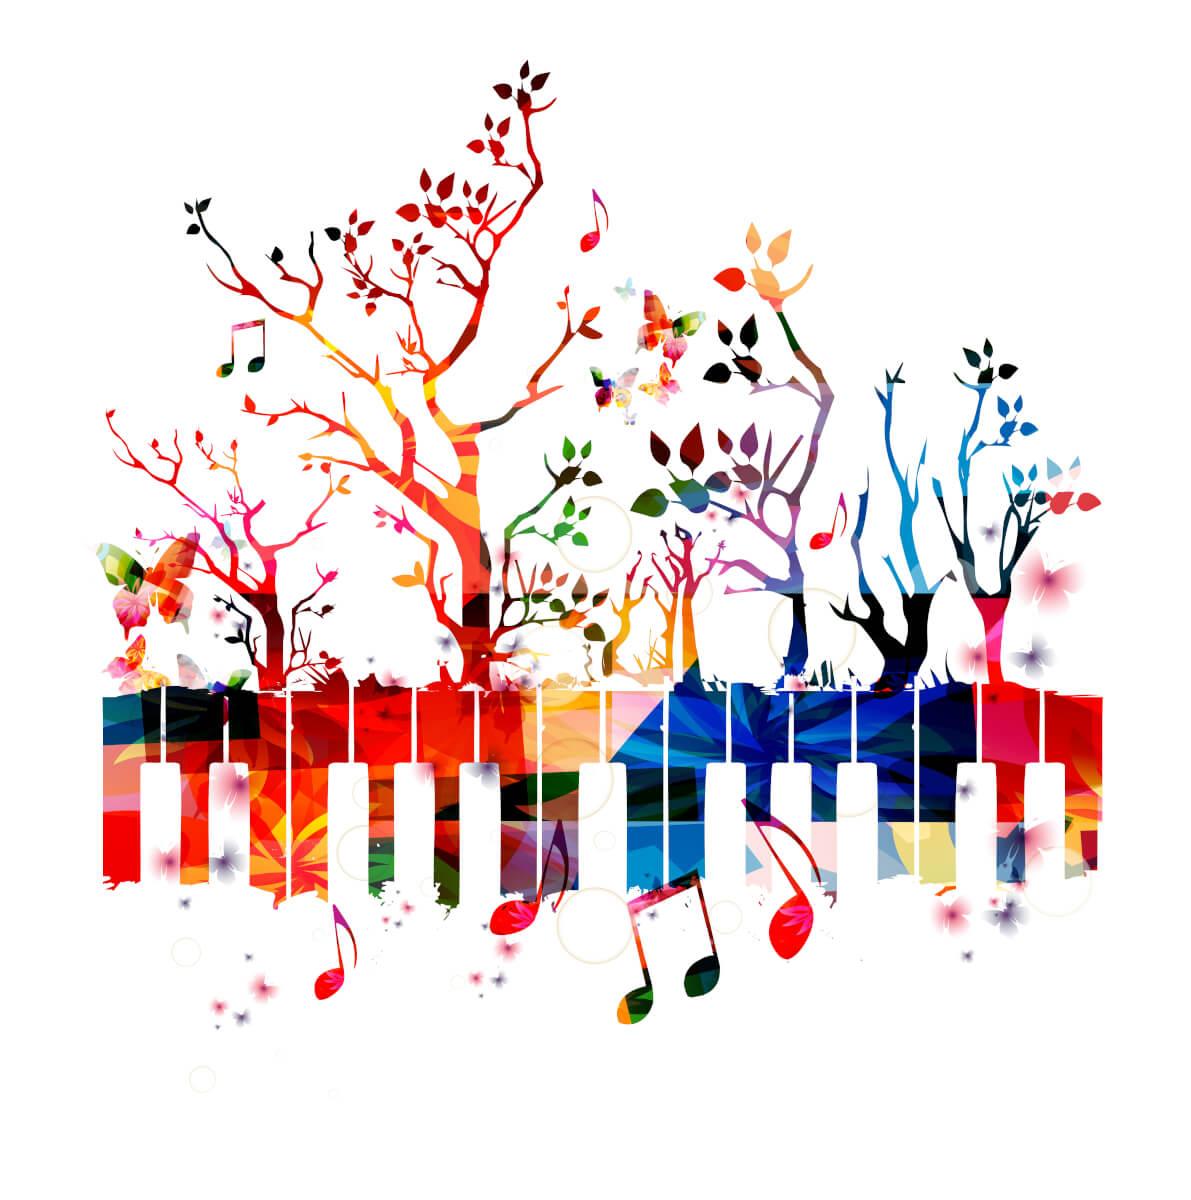 音楽の才能が開花している様子